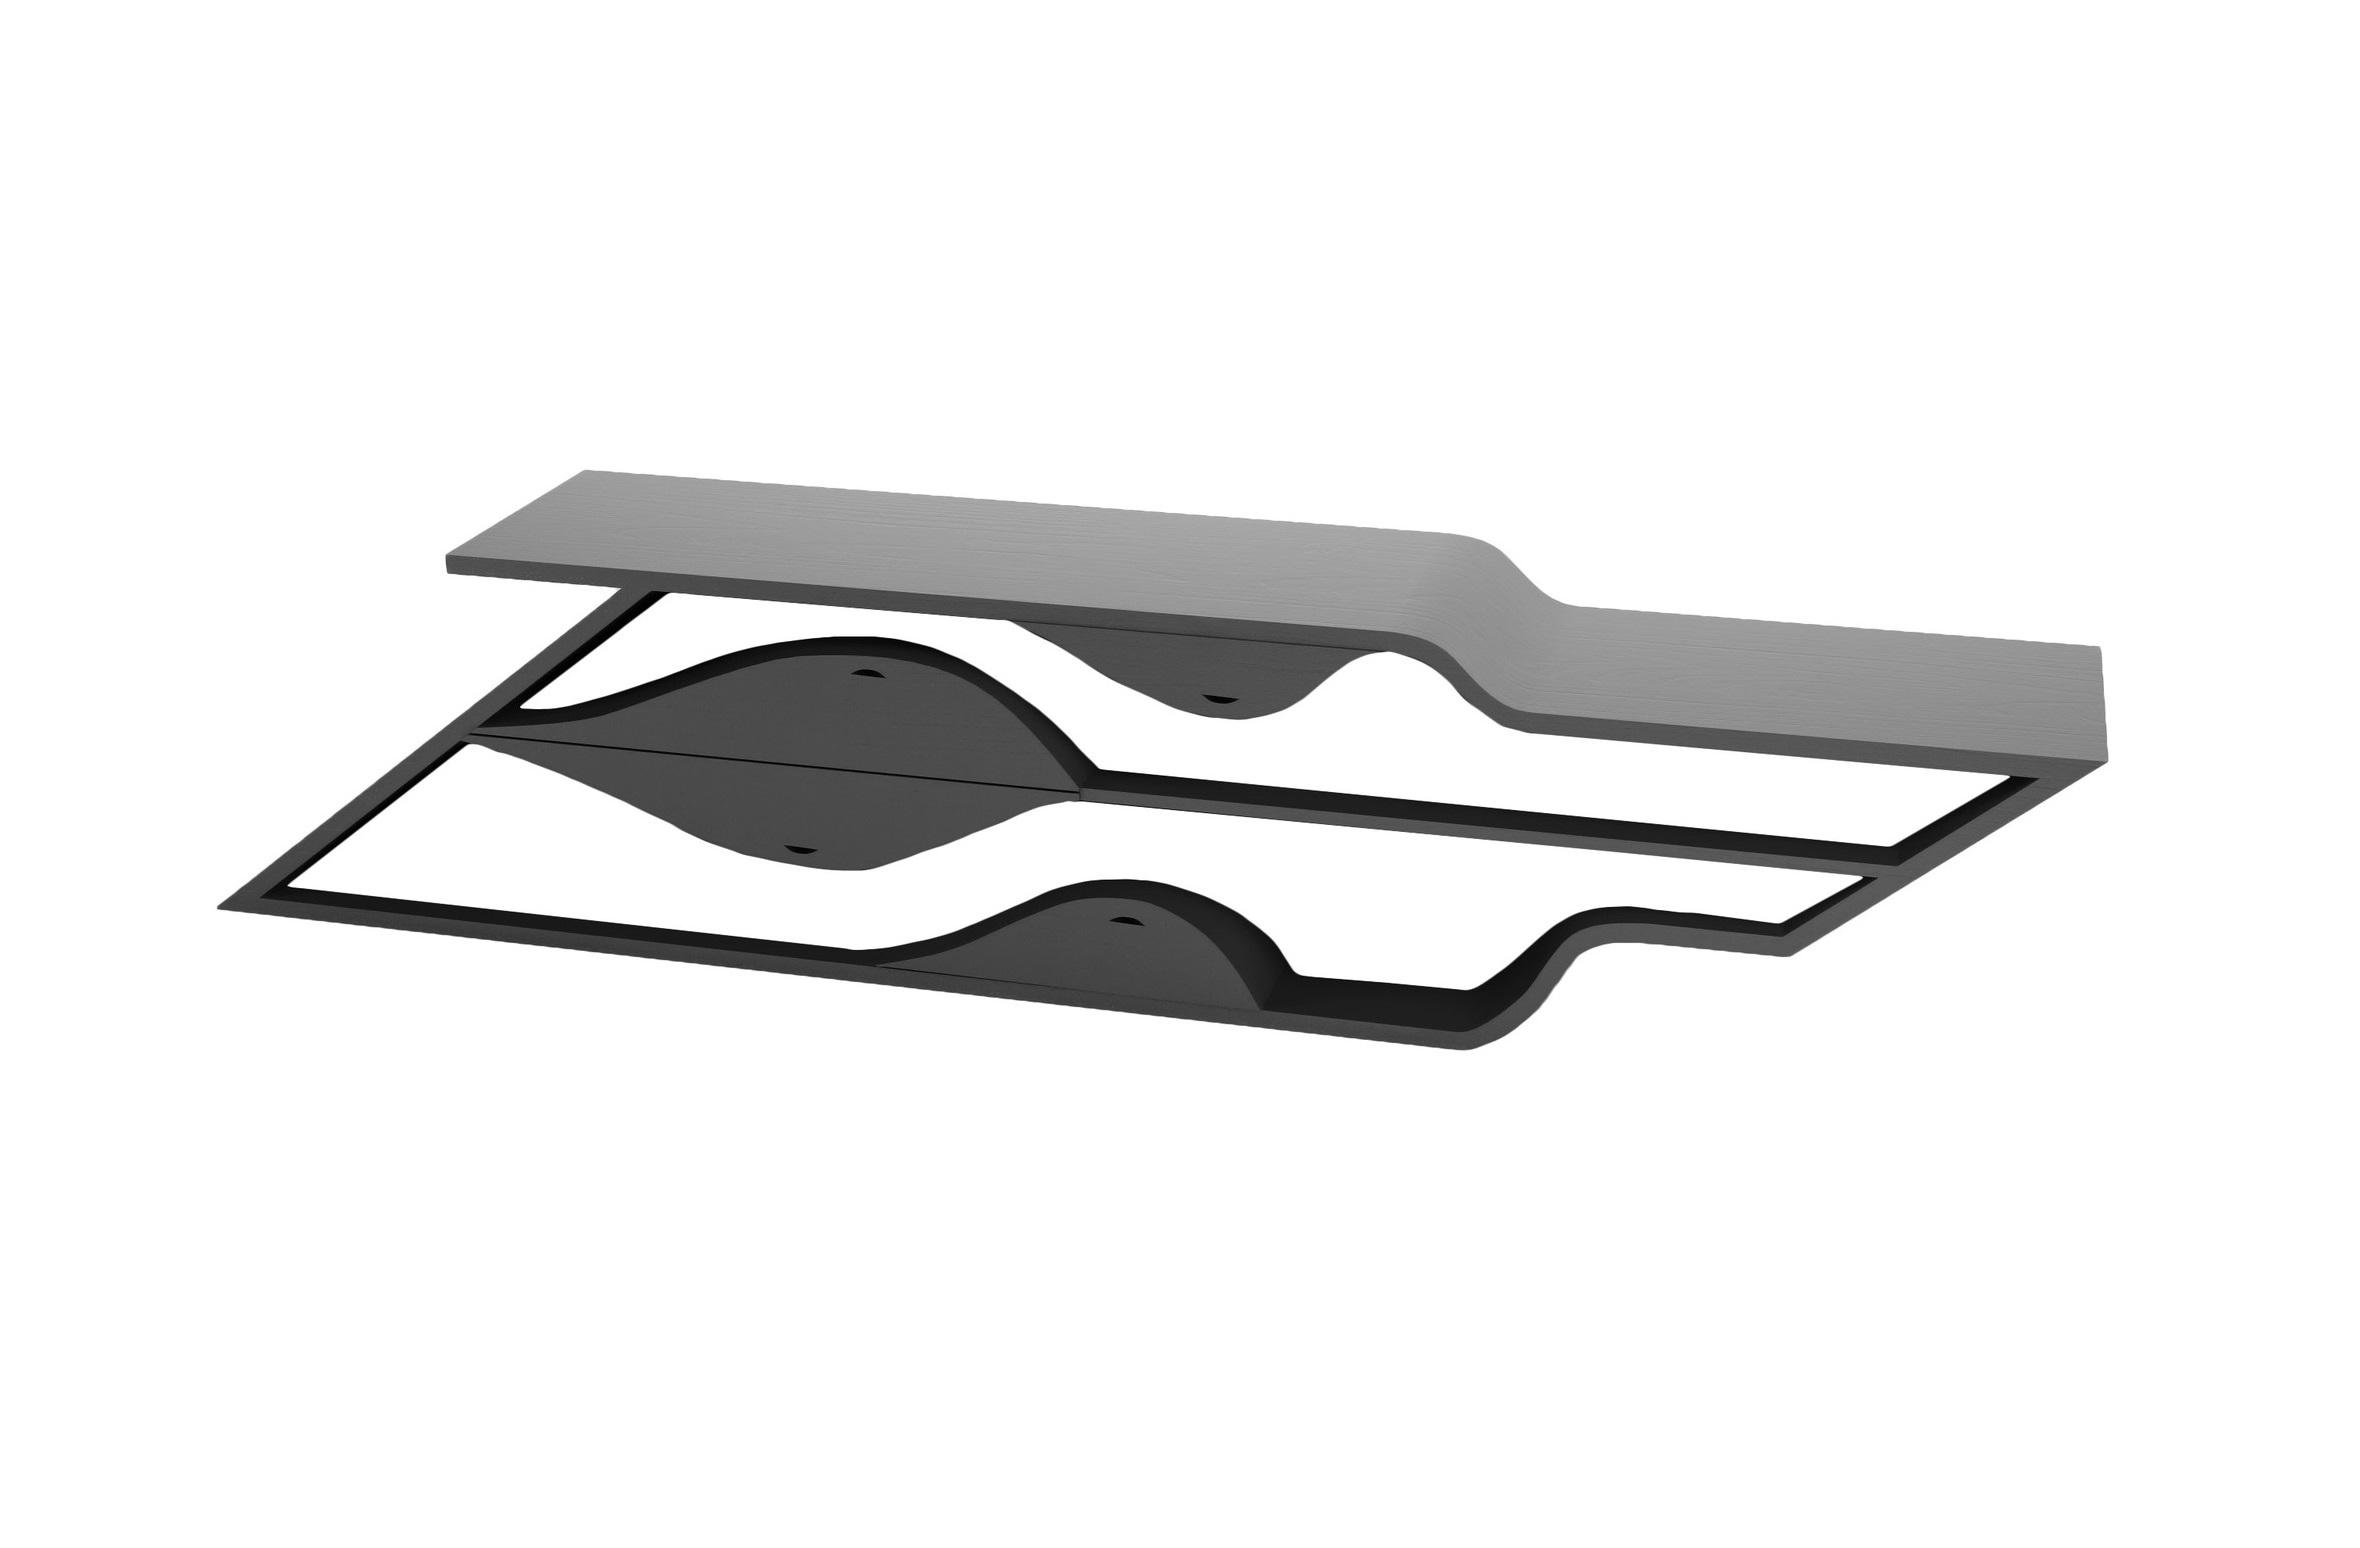 Тумба Цезарь стелетТумбы под TV<br>Тумба вдохновлена движением, полность функциональна, выдерживает большой вес сверху, есть четыре небольших выдвижных ящика&amp;amp;nbsp;&amp;lt;div&amp;gt;Материал: МДФ, шпон&amp;lt;/div&amp;gt;<br><br>Material: МДФ<br>Ширина см: 235.0<br>Высота см: 50.0<br>Глубина см: 40.0